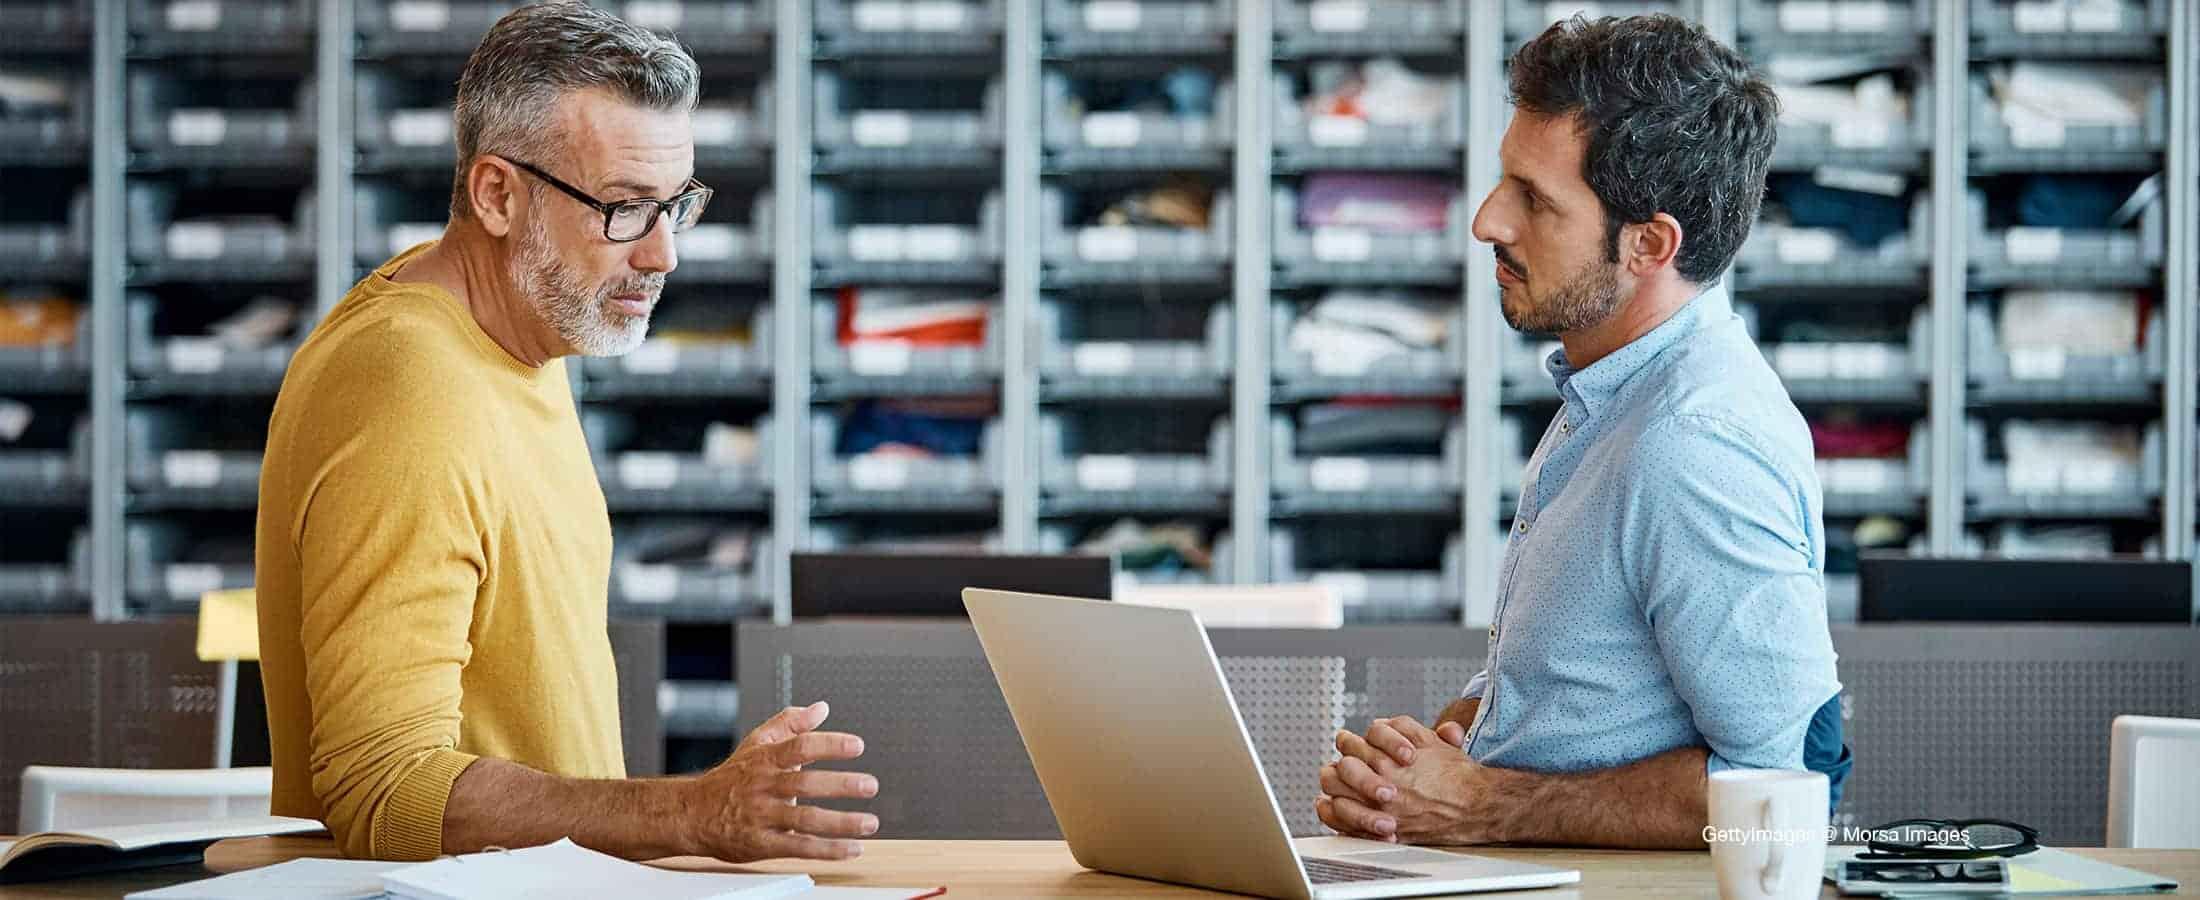 Comment organiser les entretiens professionnels état des lieux?